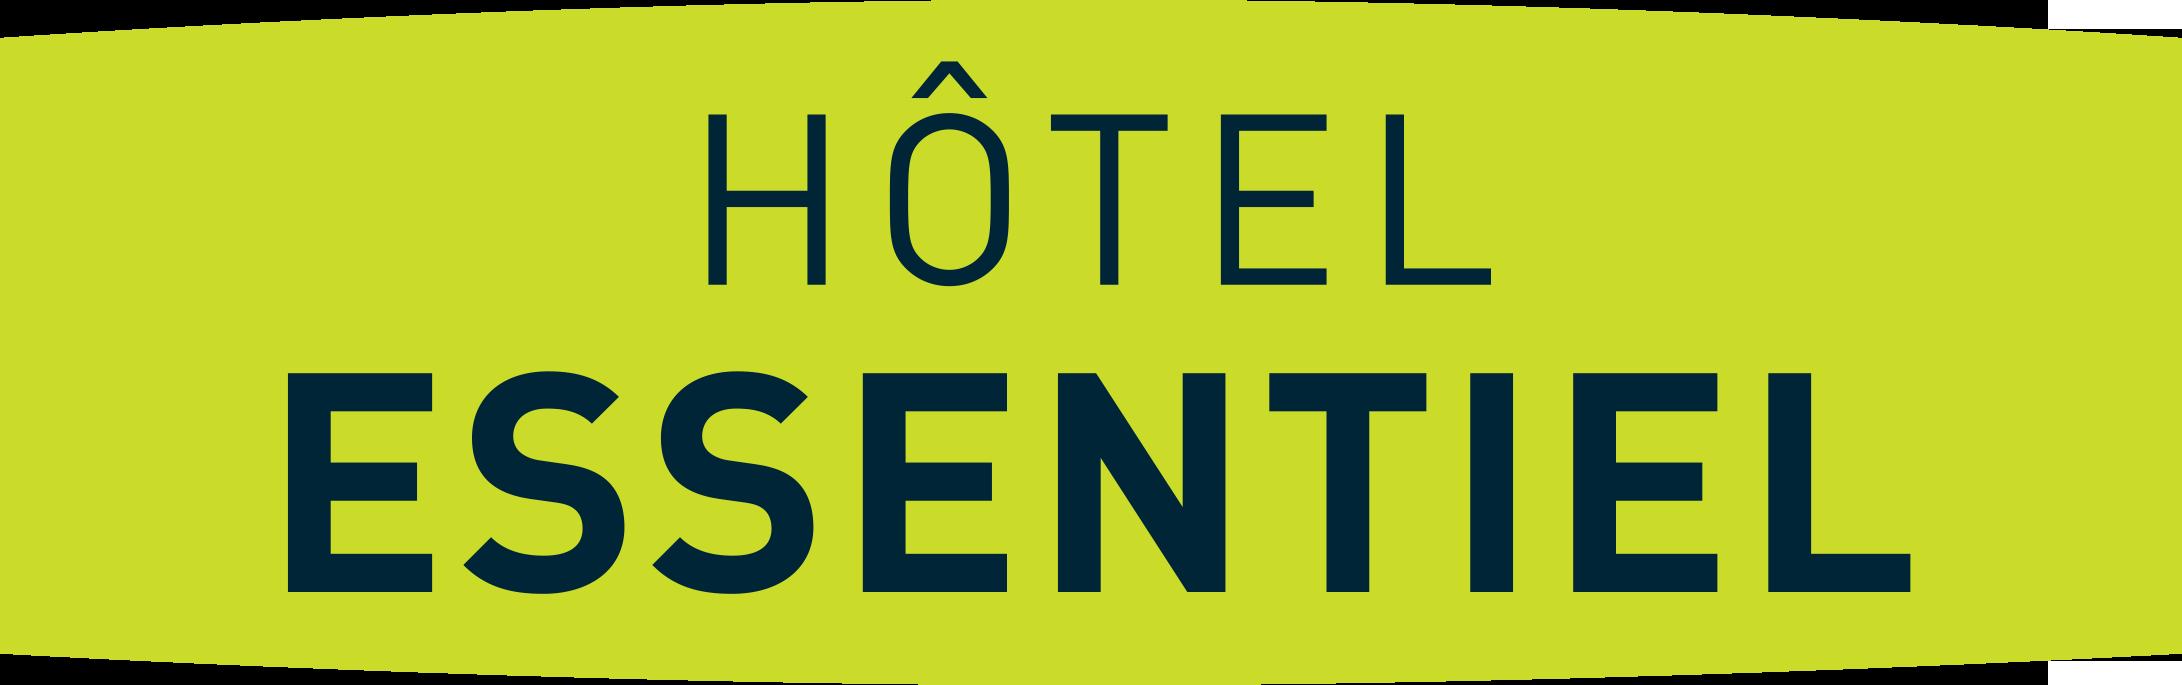 Hôtel Essentiel